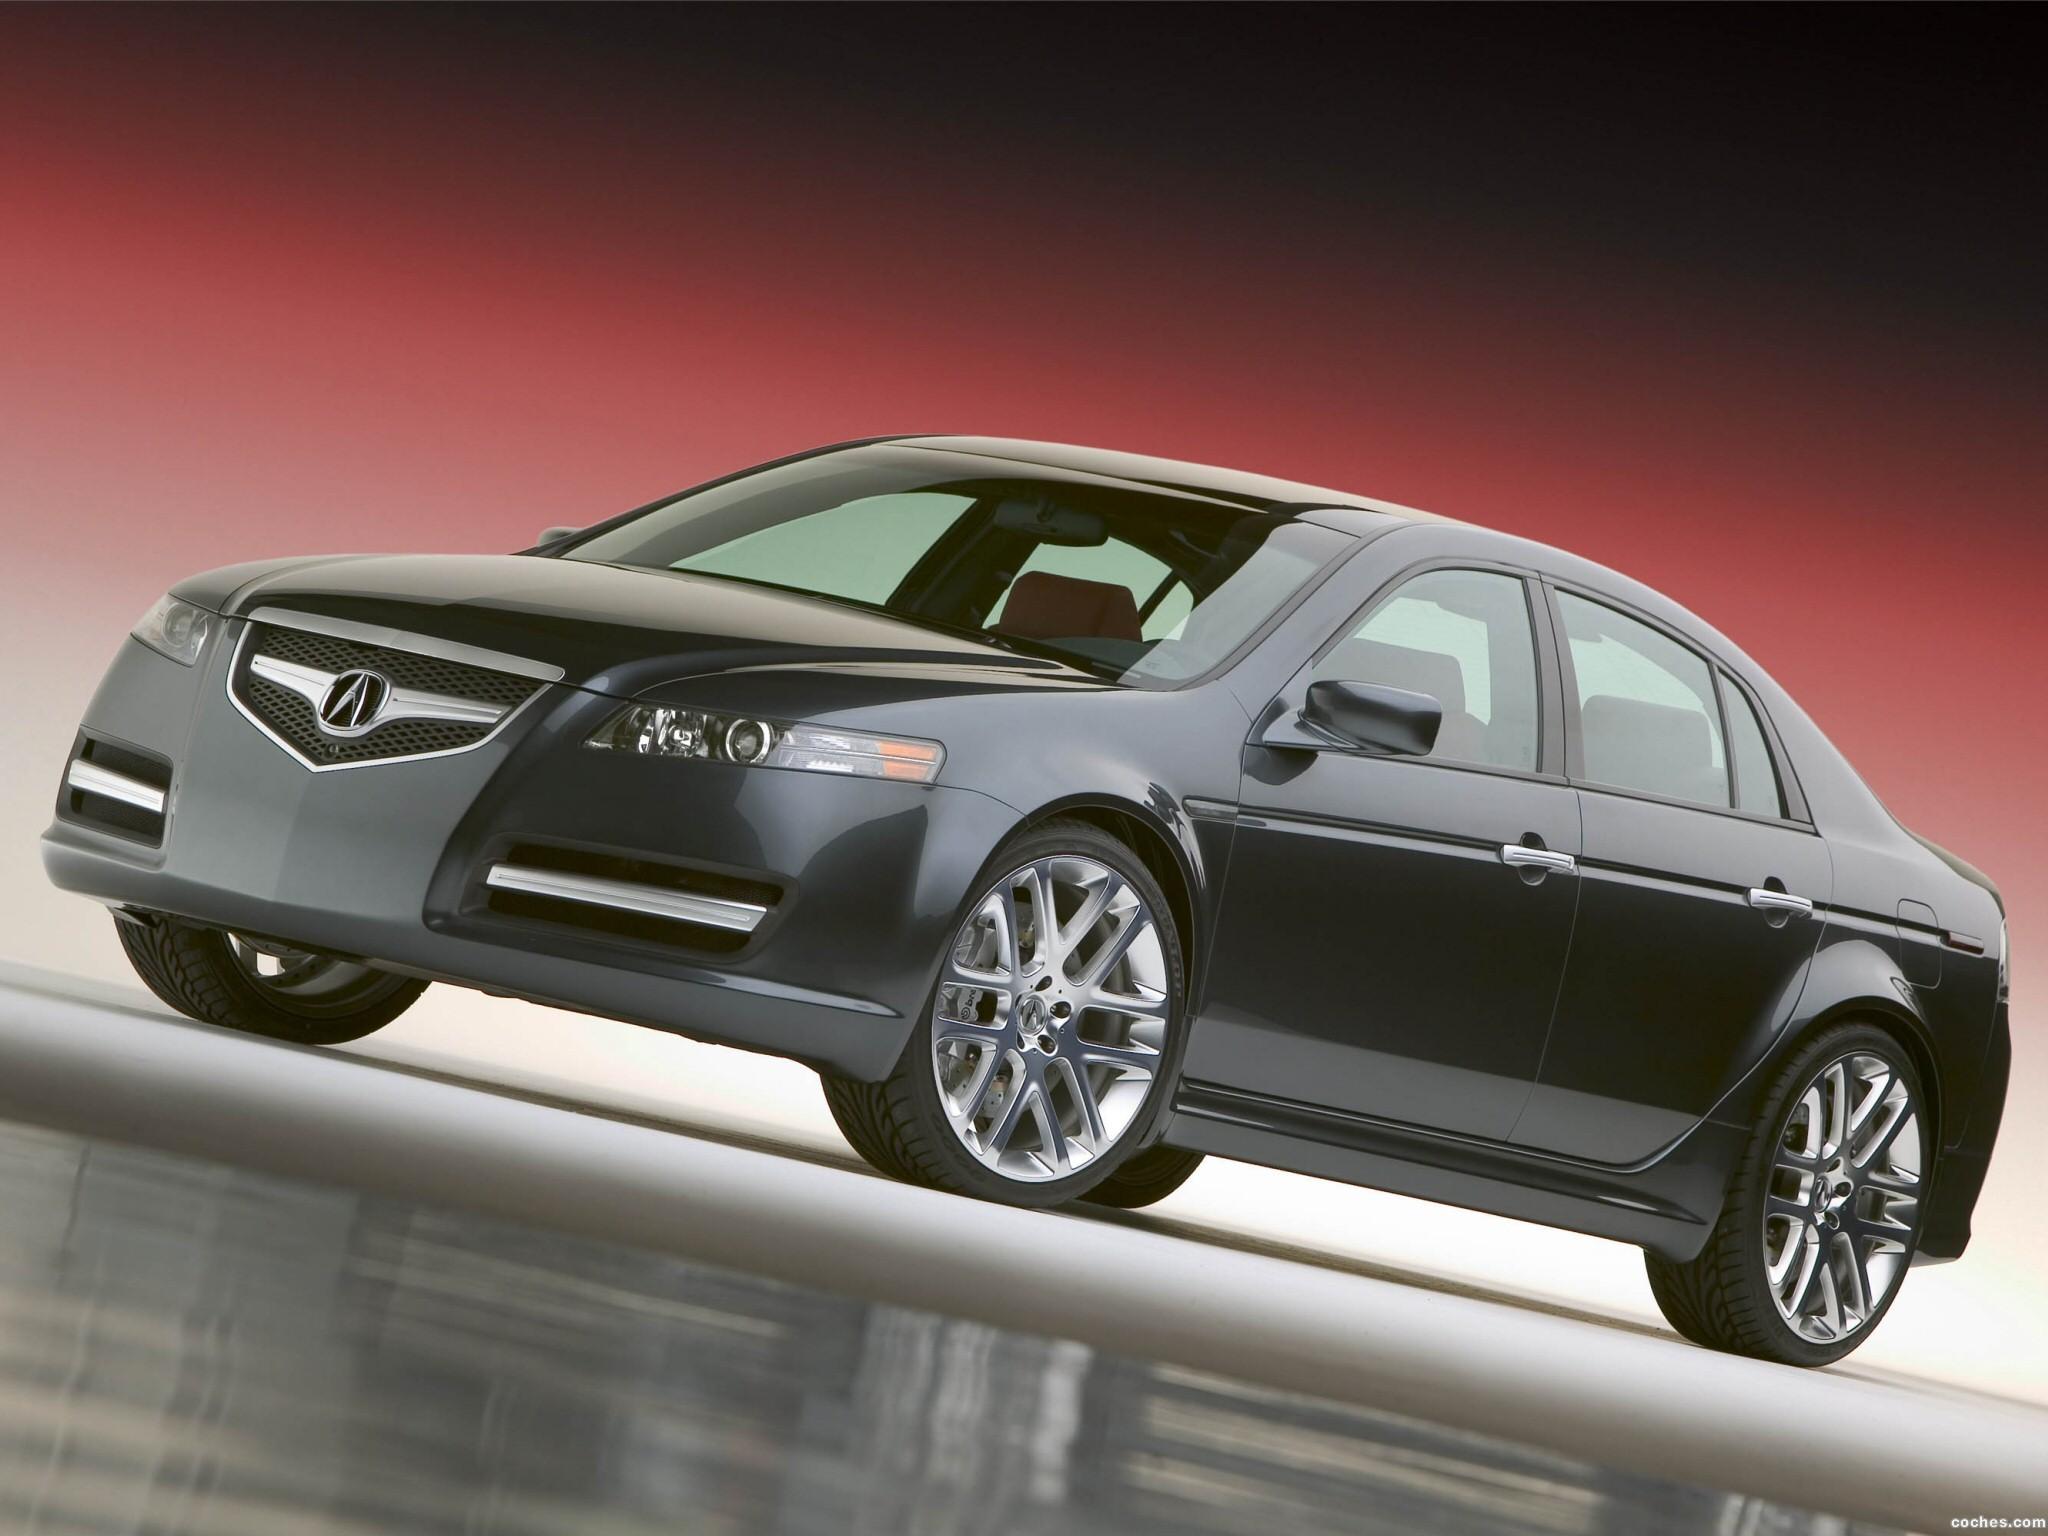 Foto 3 de Acura TL A-Spec Concept 2003